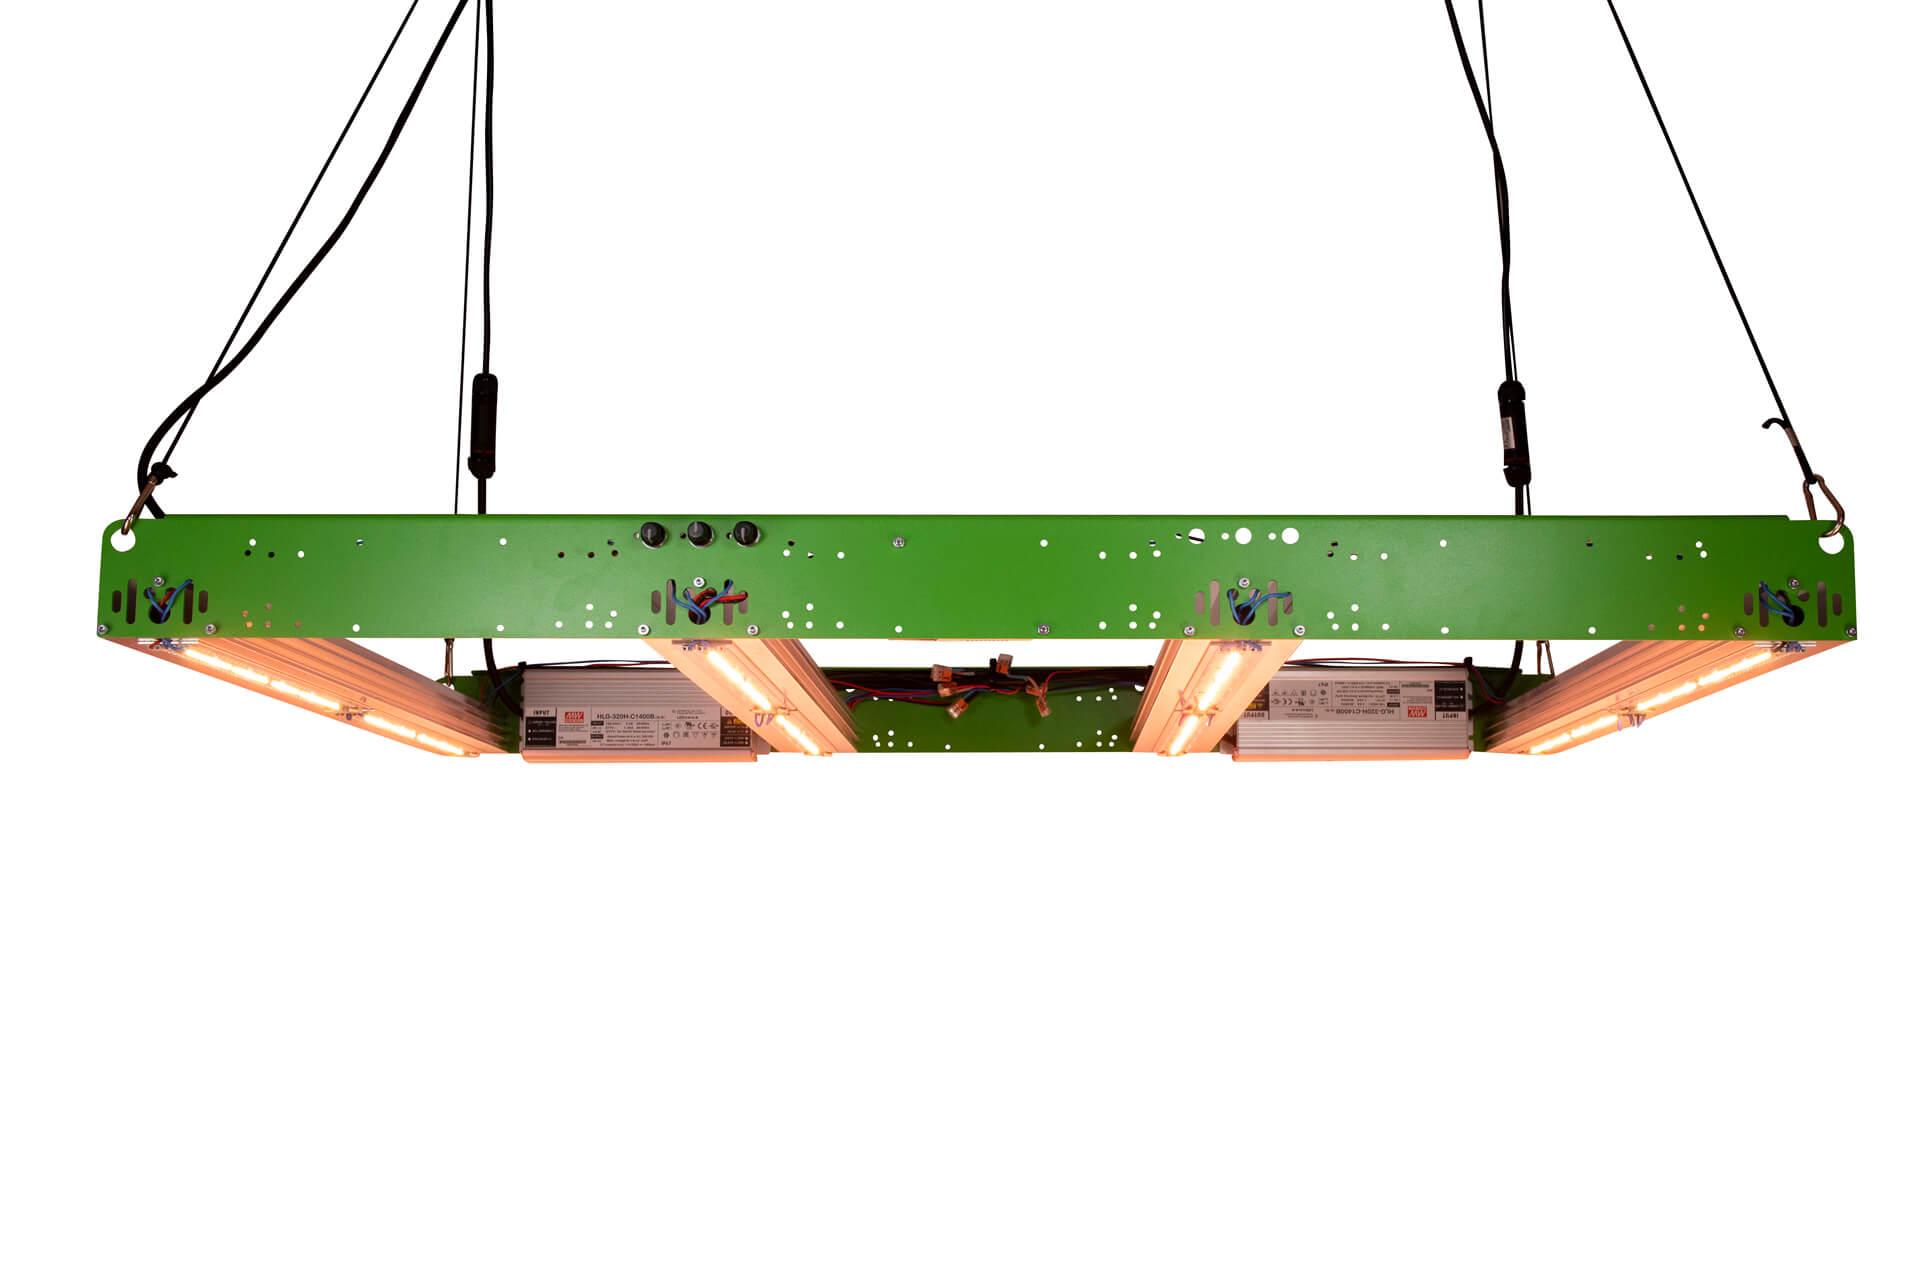 DIY-M-KIT-2-Series-long-600w-bloom-channel-on-pro-emit